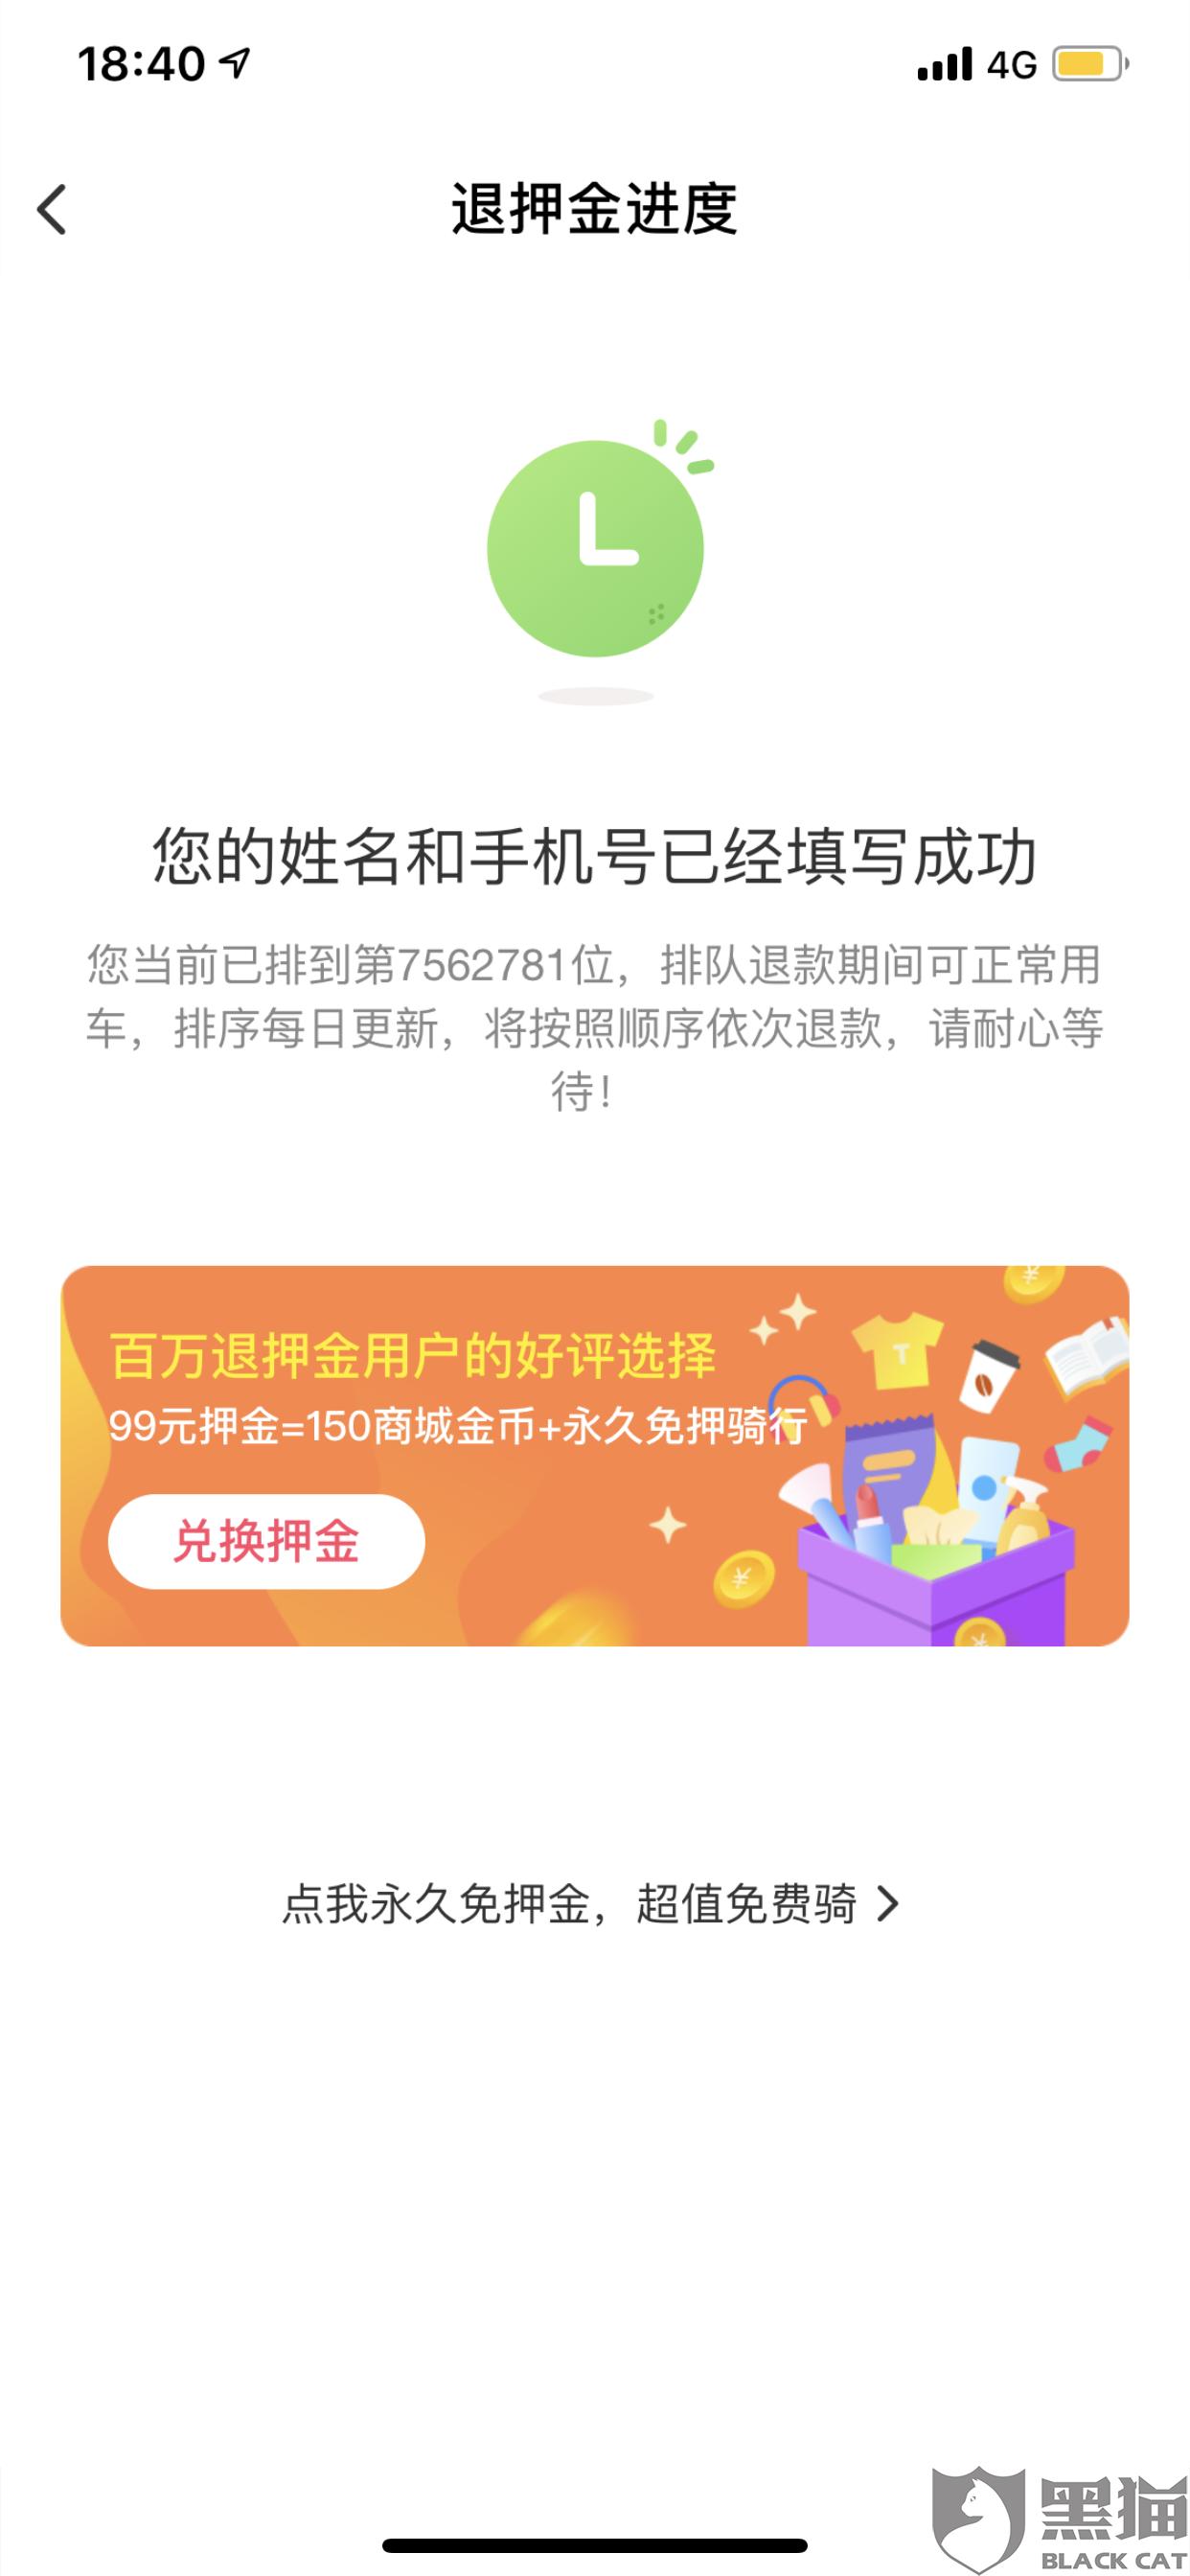 黑猫投诉:投诉东峡大通(北京)管理咨询有限公司(官微:ofo小黄车官方微博 ),押金不退还